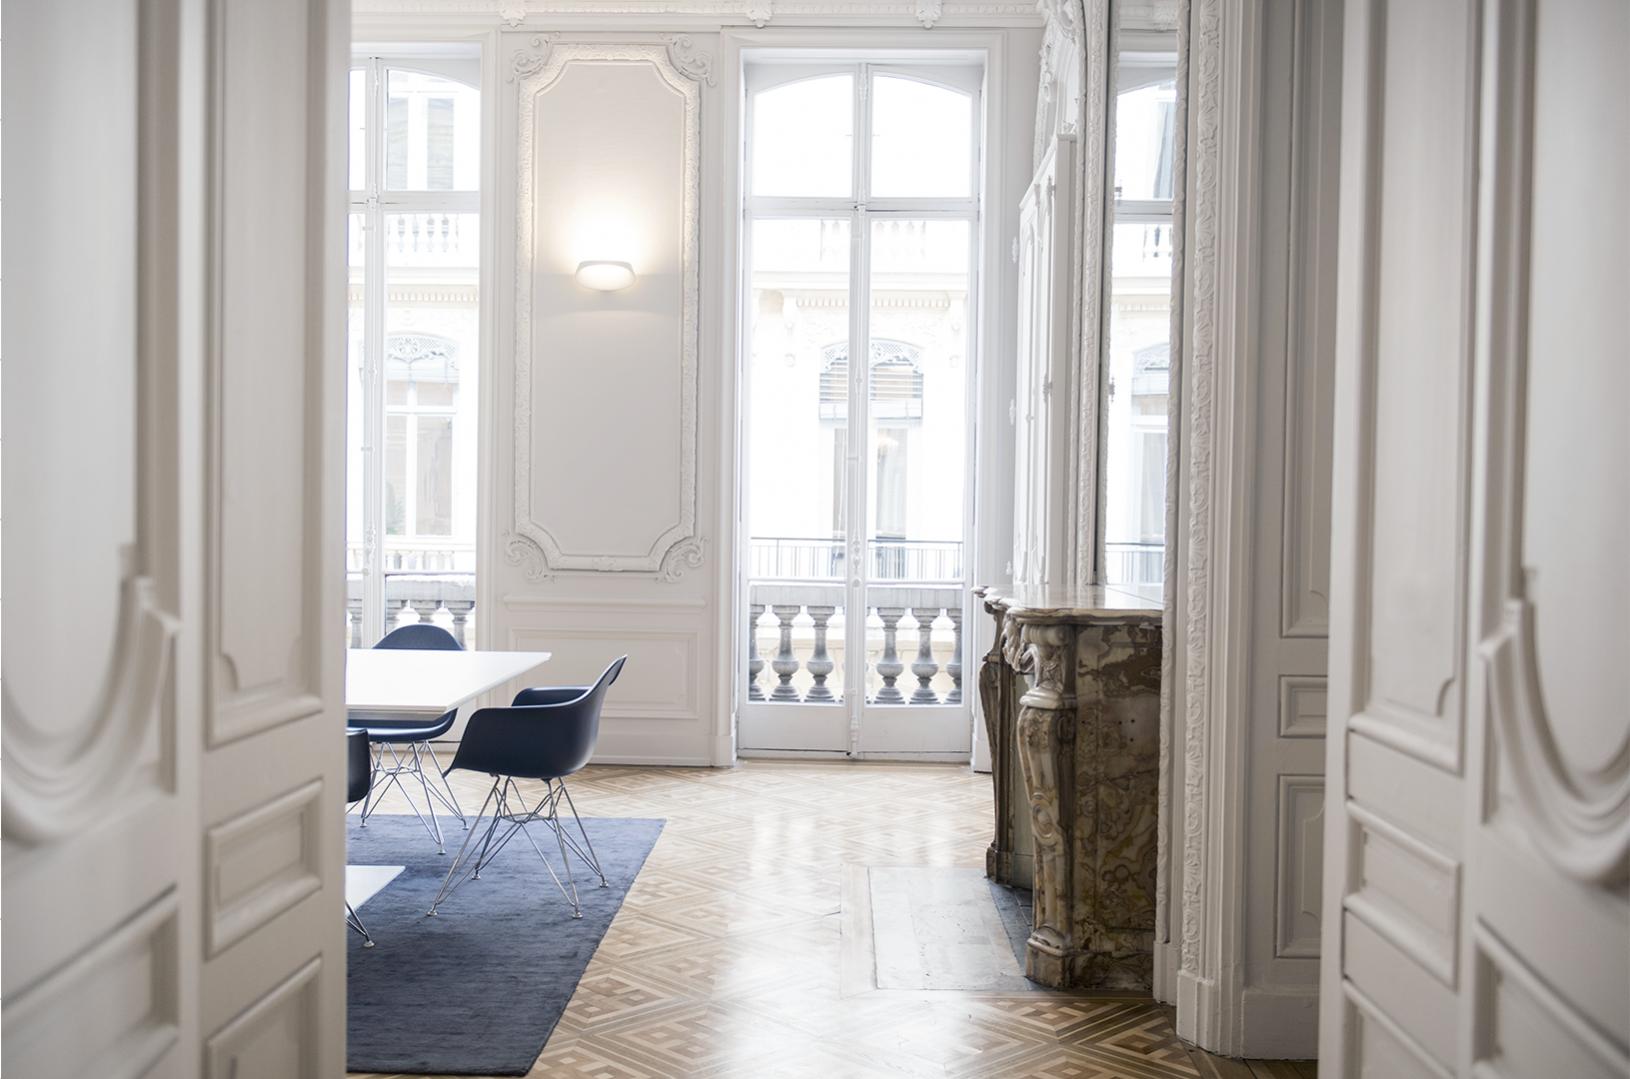 Locaux de VIAJURIS à Lyon, cabinet d'avocats spécialisé en en contentieux des affaires, droit fiscal, droit international, gestion du personnel et contentieux social, transmissions d'entreprises et restructurations et contrats / concurrence et nouvelles technologies.